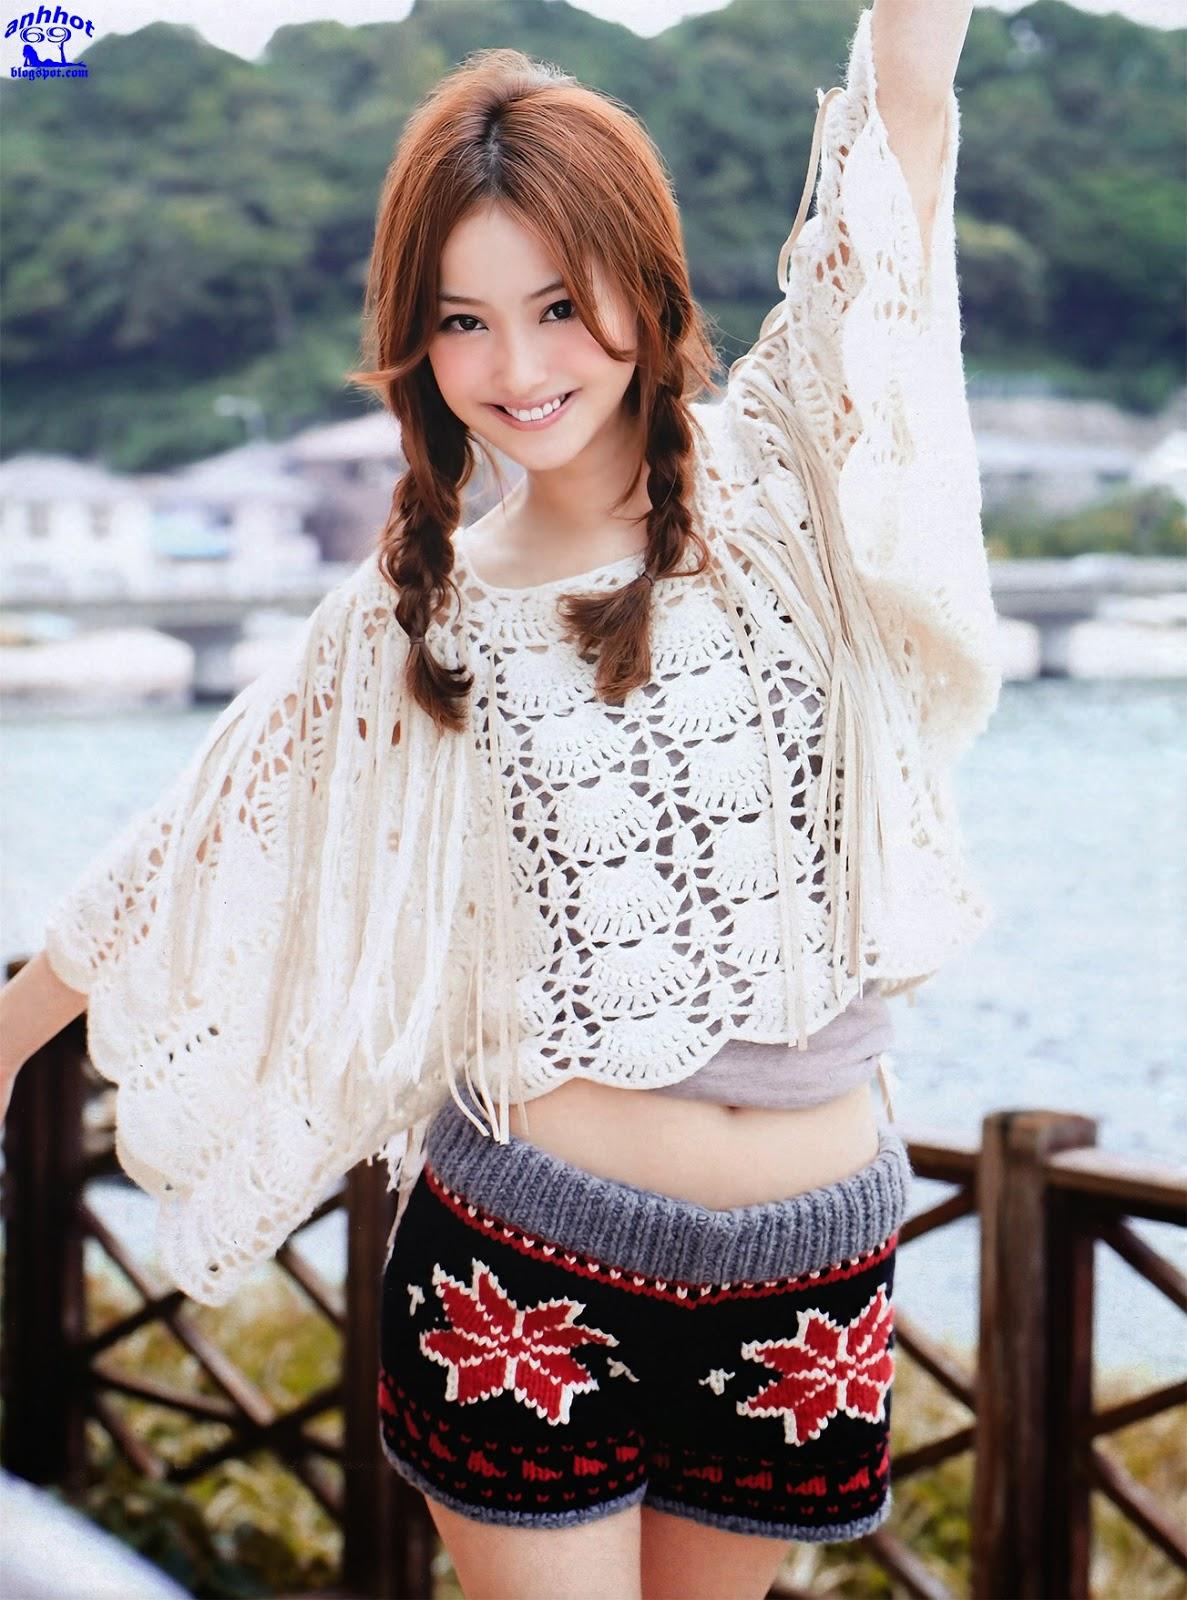 nozomi-sasaki-01291066